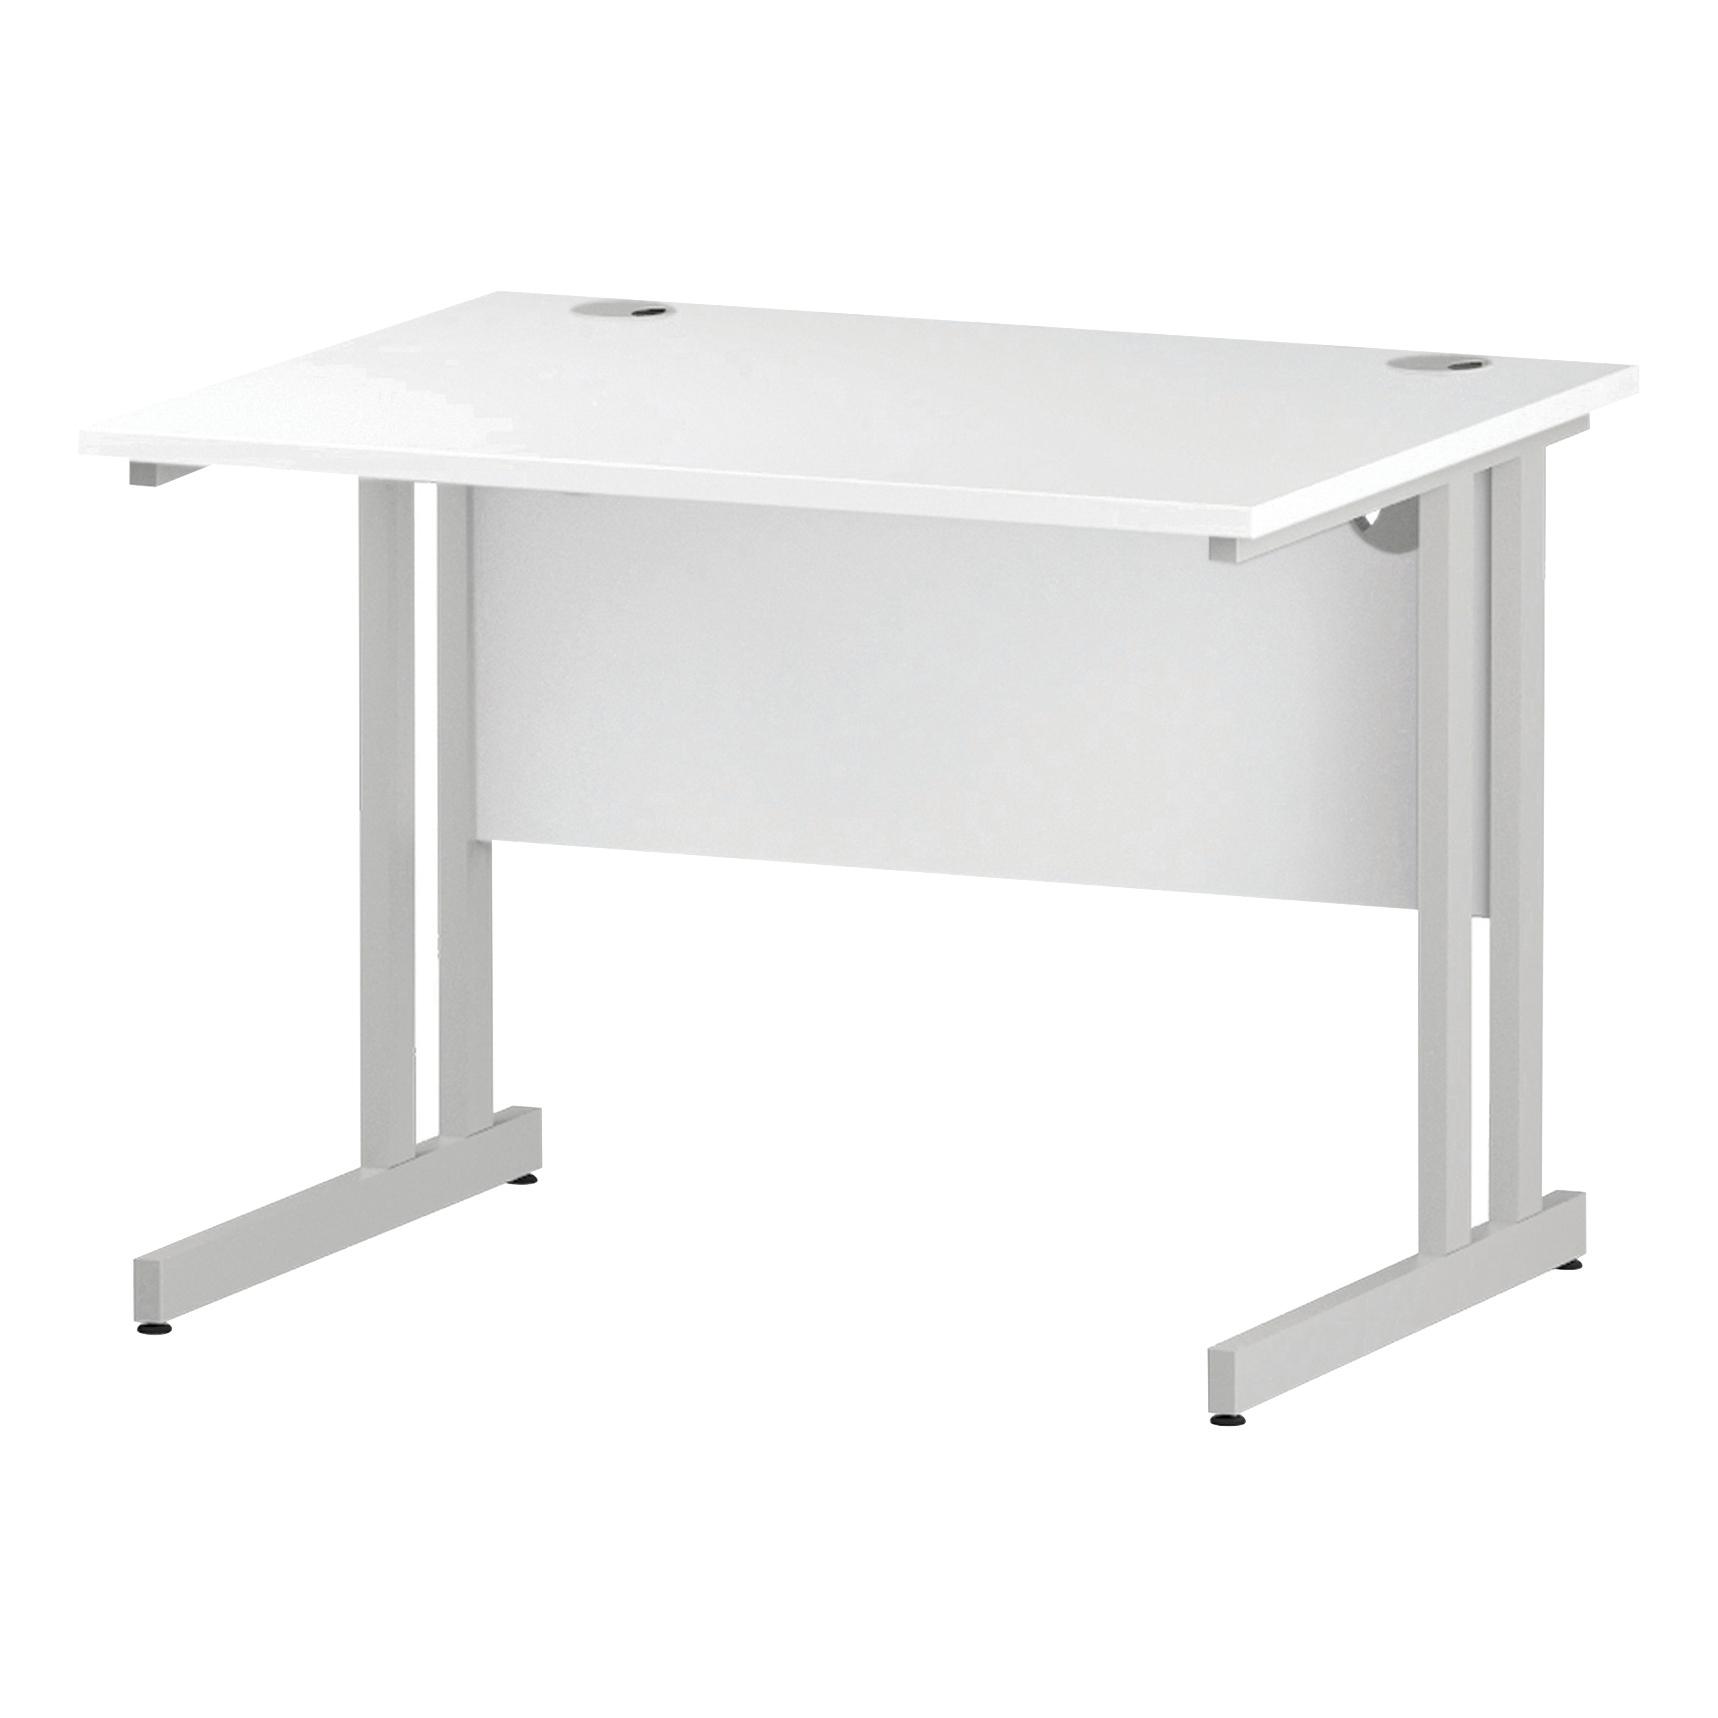 Trexus Rectangular Desk White Cantilever Leg 1000x800mm White Ref I002190